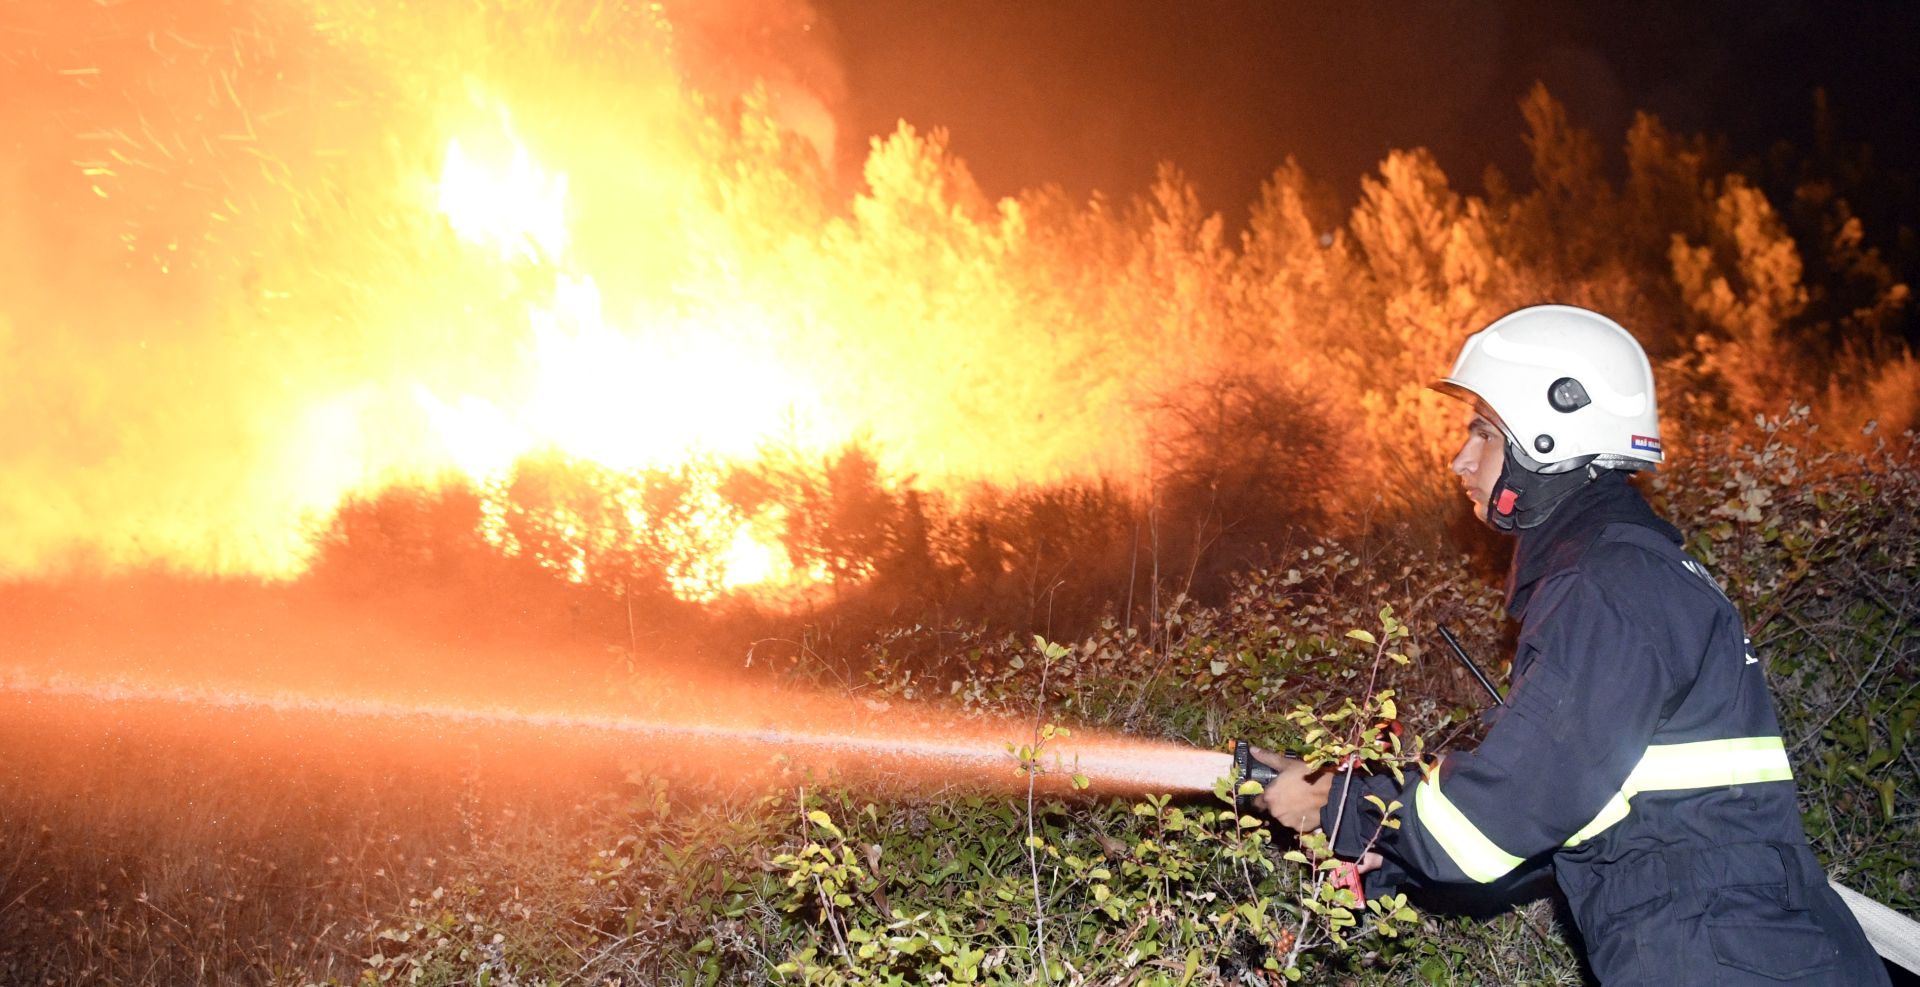 Policija prijavila 29-godišnjaka zbog izazivanja požara kod Omiša